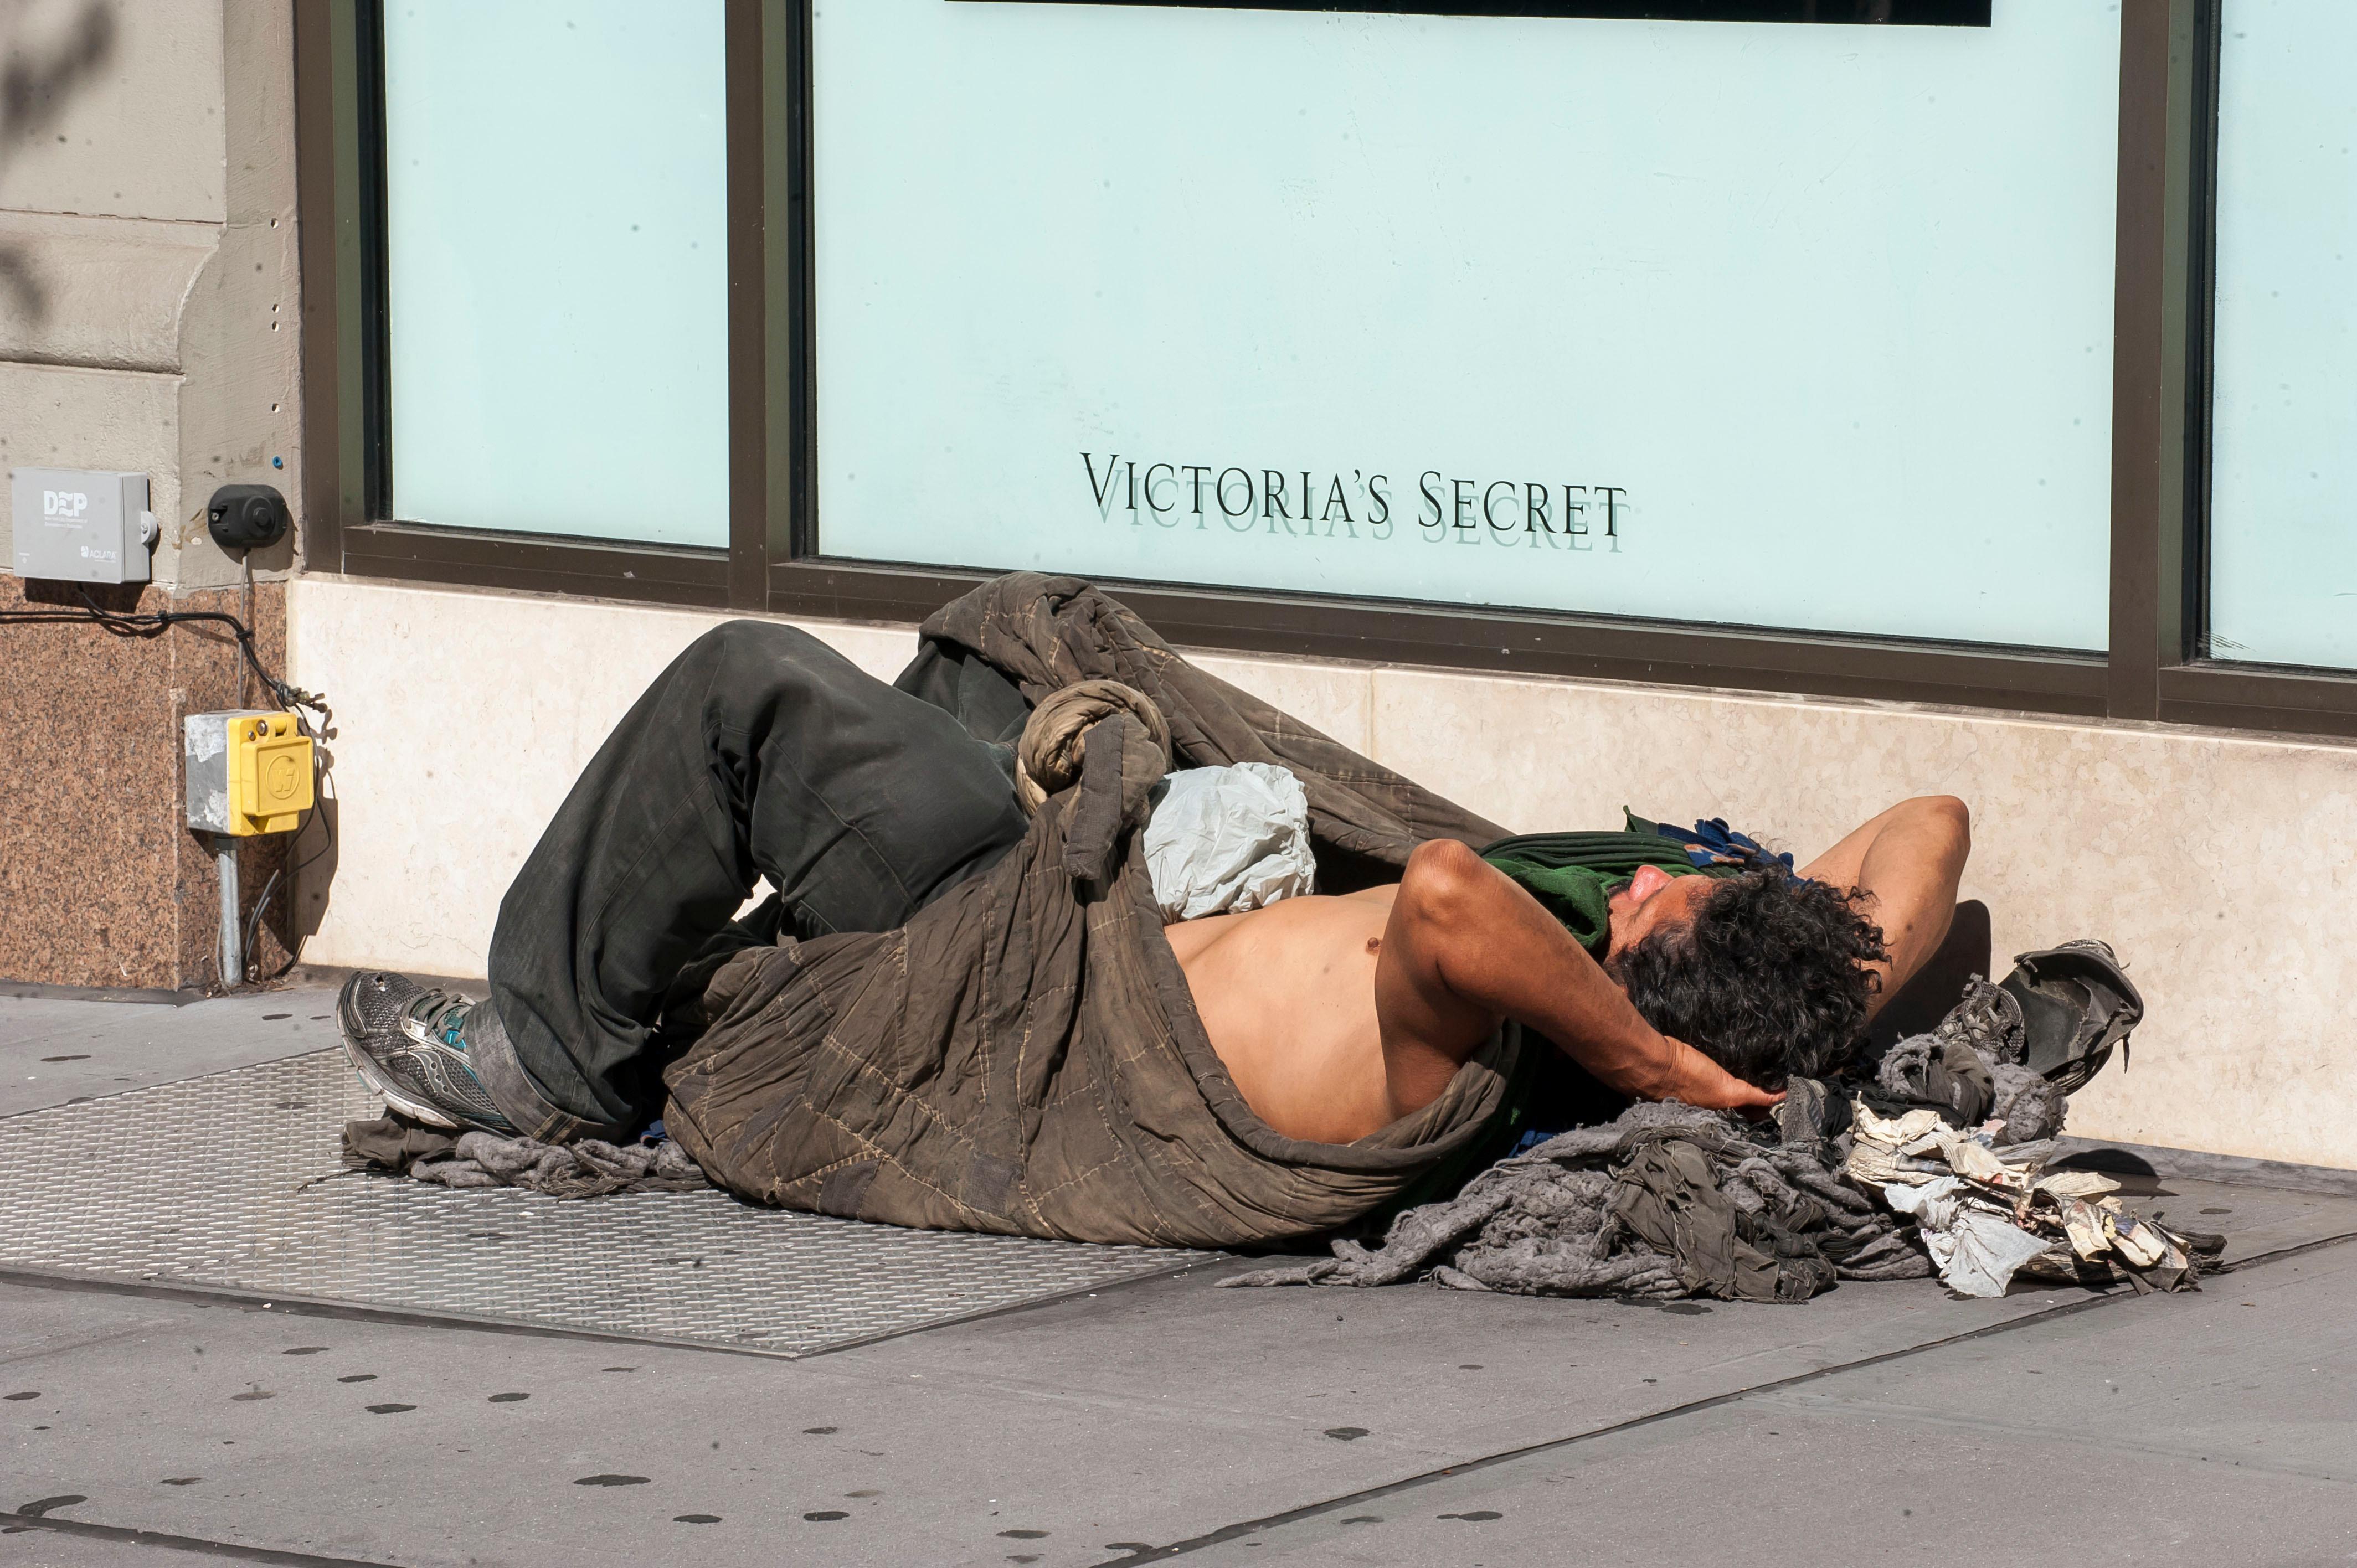 071015 uws homeless dm 12